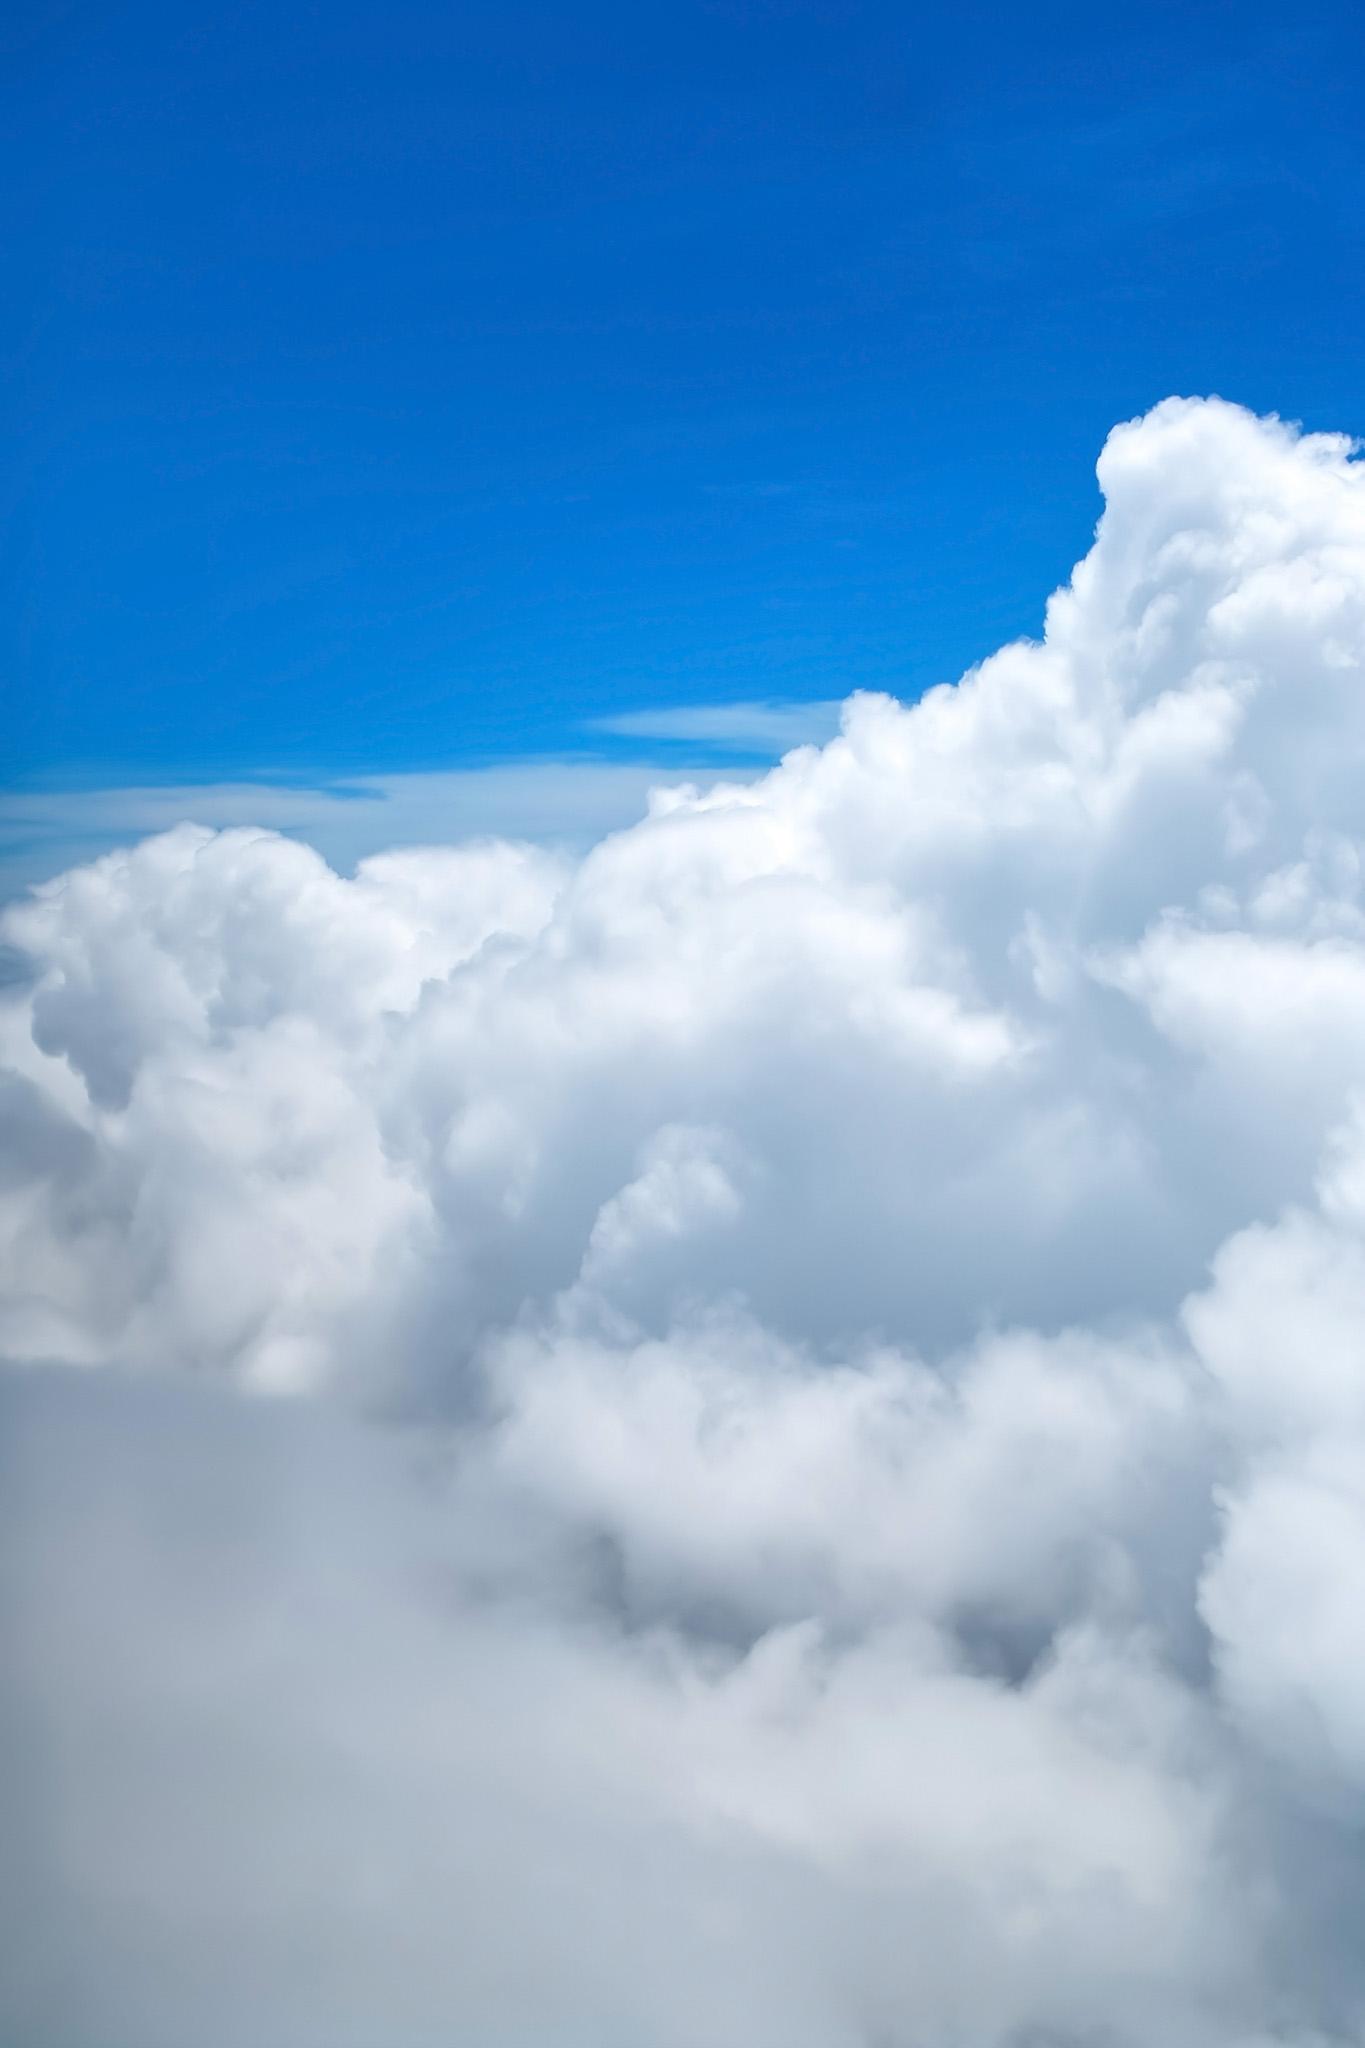 最高かつ最も包括的な壁紙 雲 高画質 - 花の画像